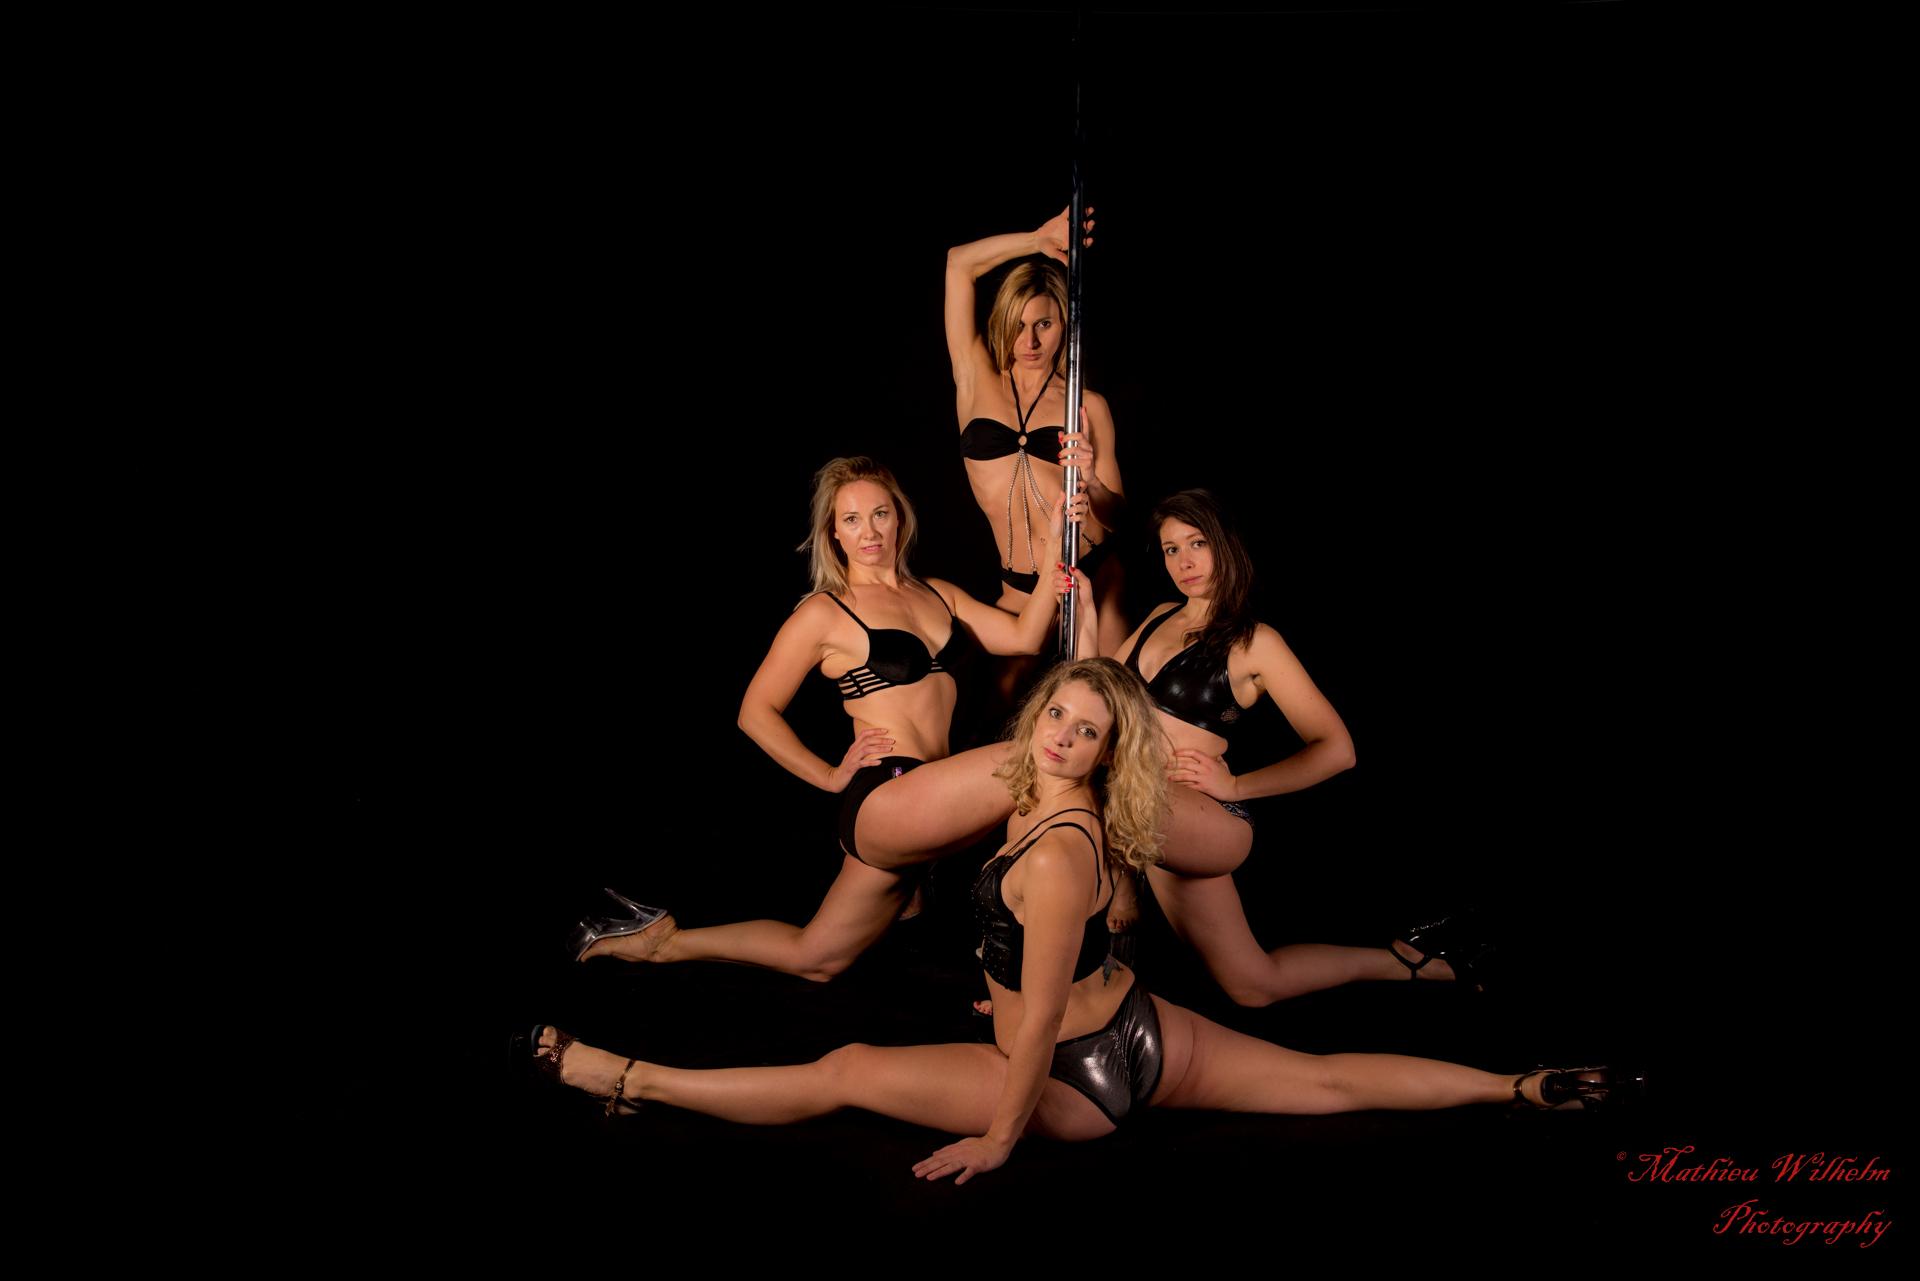 2017-11-26_Pole Dance - Estelle - Delphines - Eve - Audey (297)